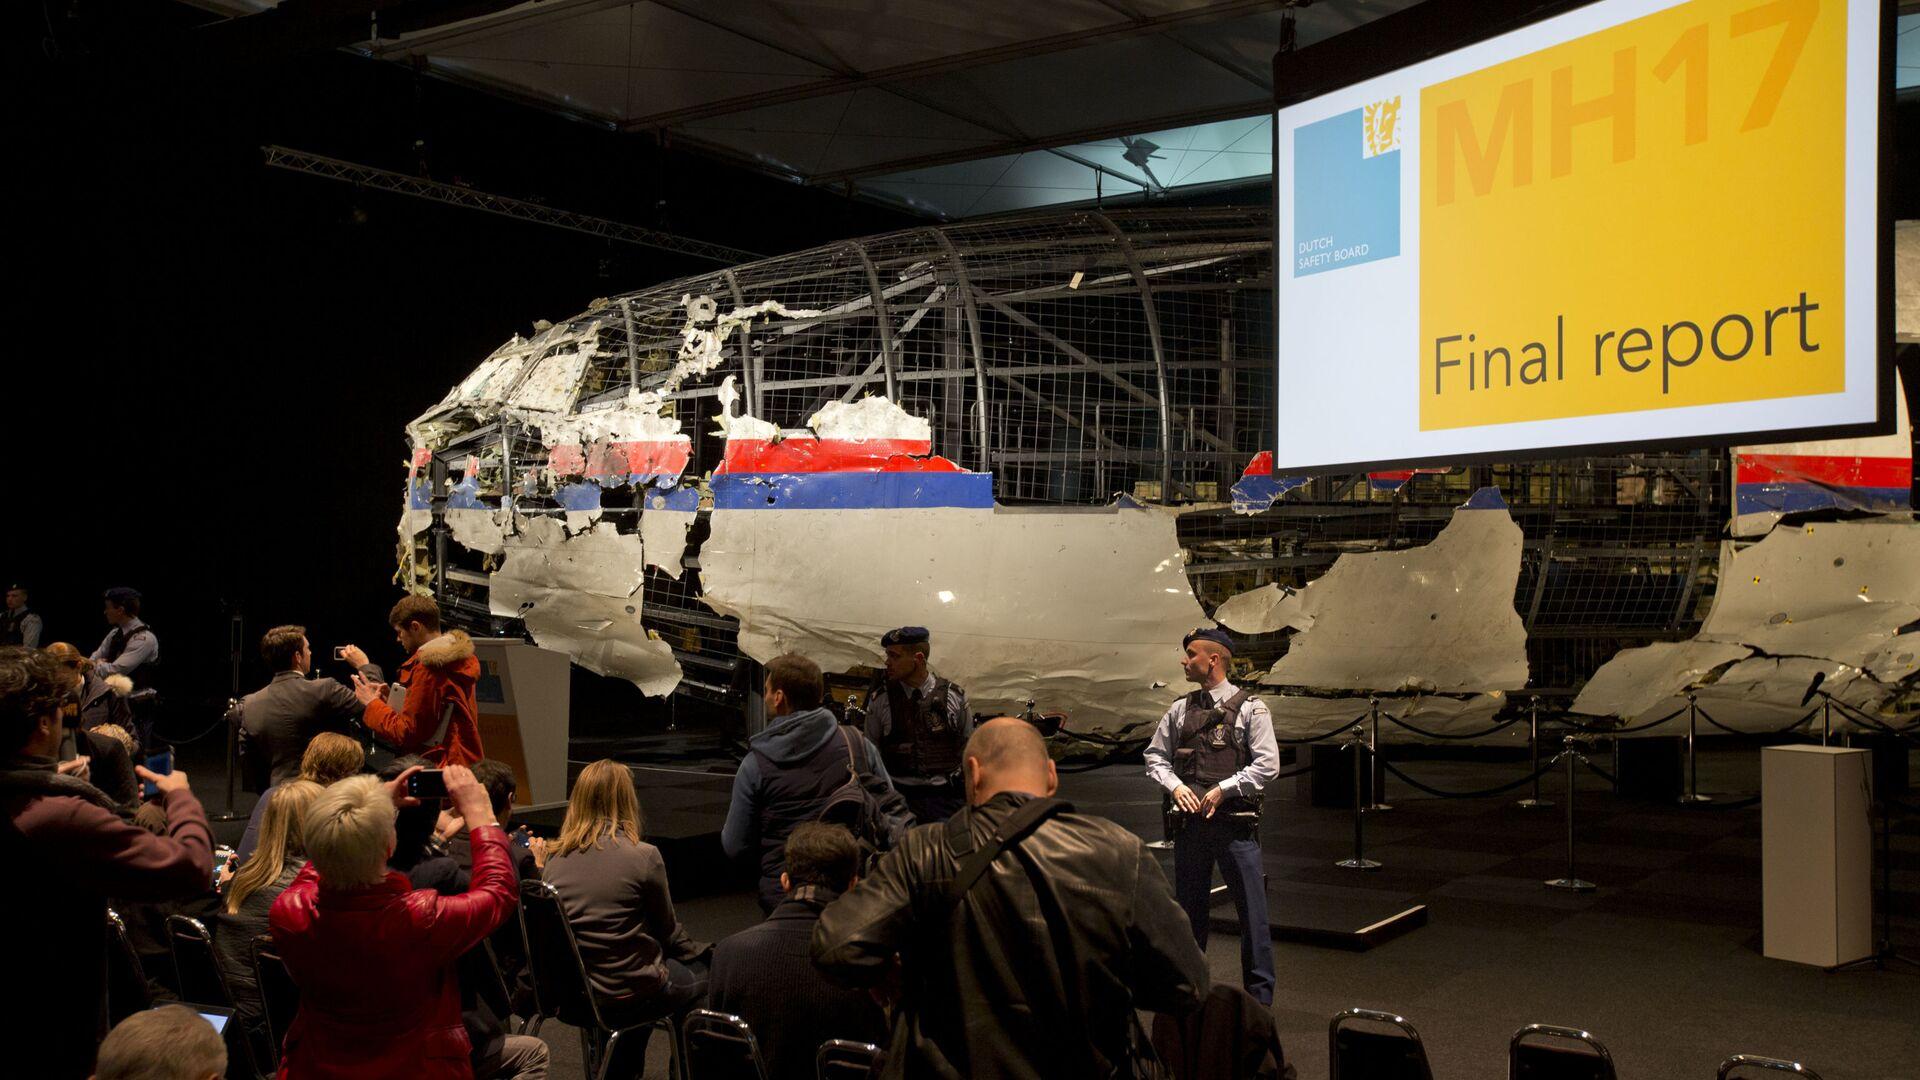 Úlomky Boeingu 777 během prezentace výsledků vyšetřování katastrofy letu MH17 - Sputnik Česká republika, 1920, 06.03.2021